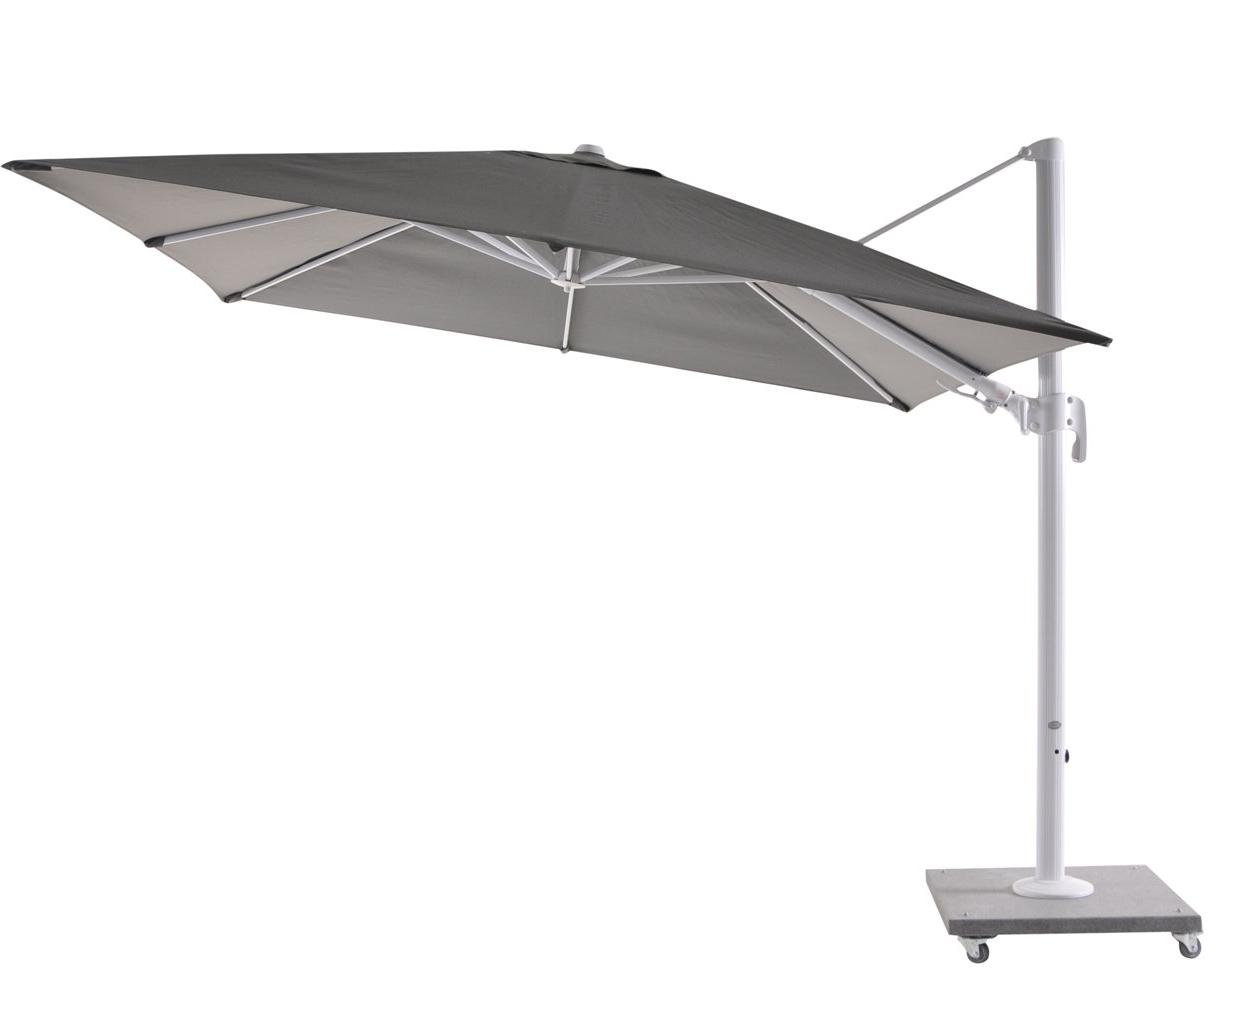 Latest Bozarth 10' Square Cantilever Umbrella Inside Jendayi Square Cantilever Umbrellas (View 15 of 20)